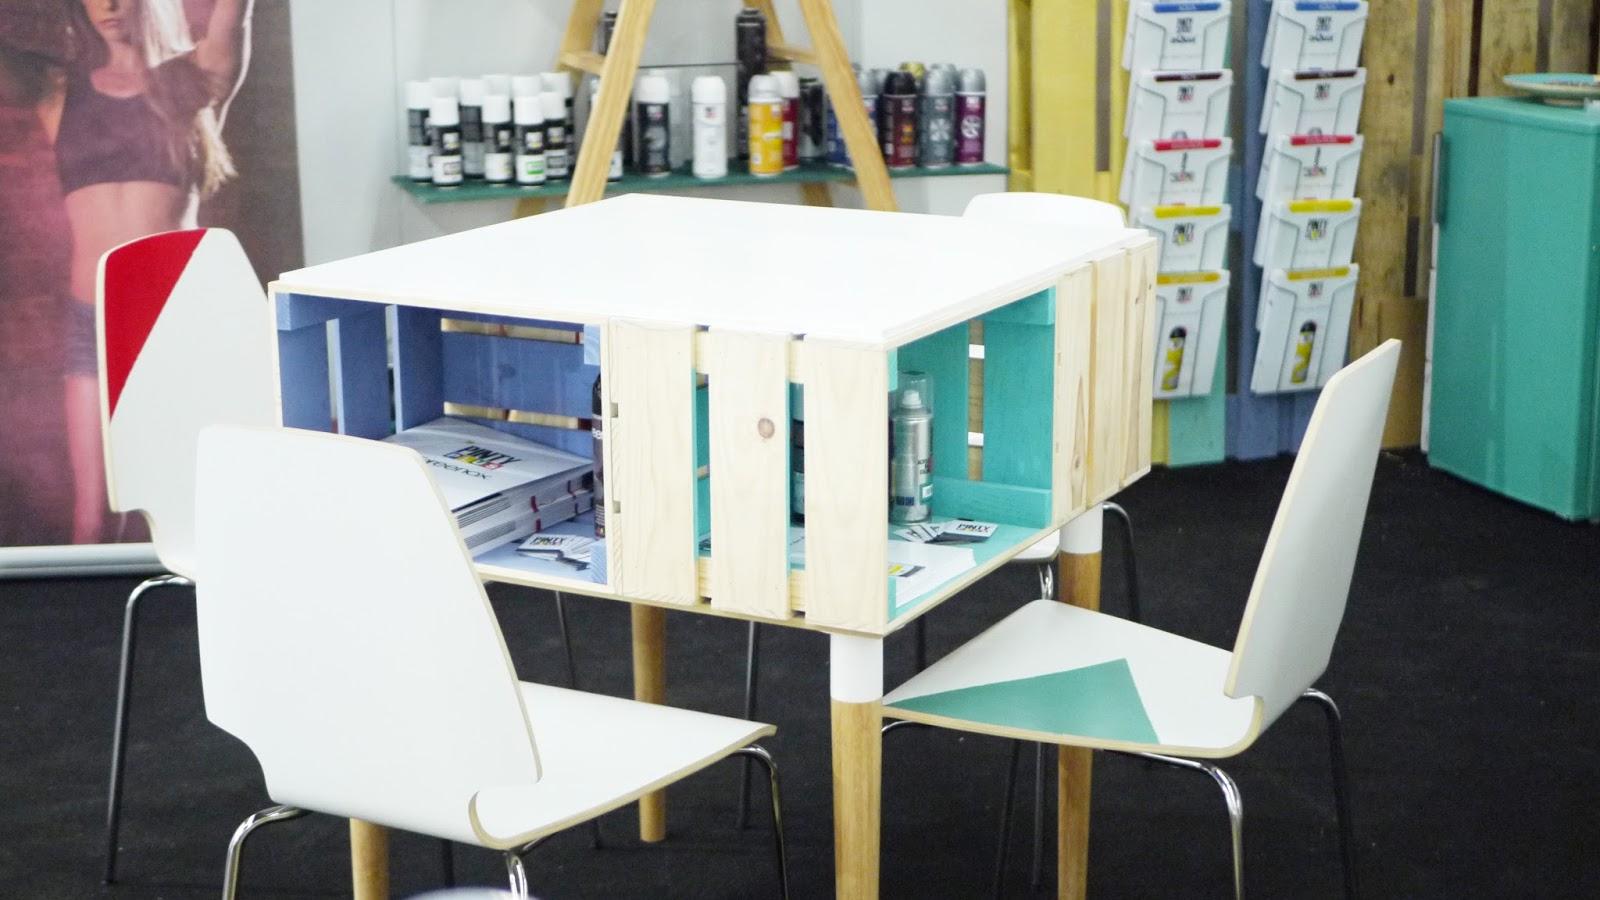 Diy 5 Muebles Mi Experiencia En Creative World Handbox Craft  # Tienda De Muebles Weekend